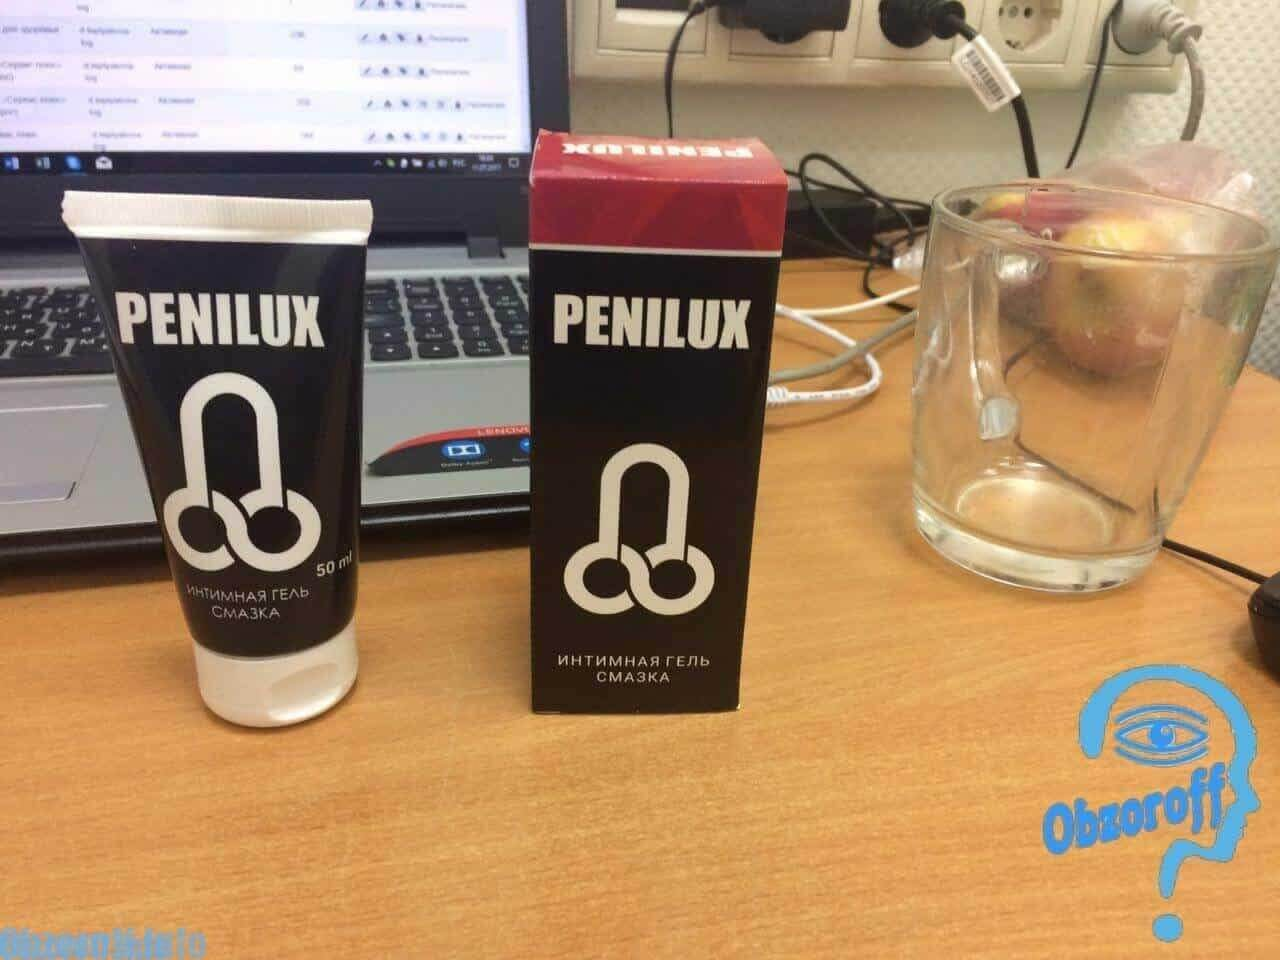 Крем для увеличения члена Penilux Gel коробка и тюбик